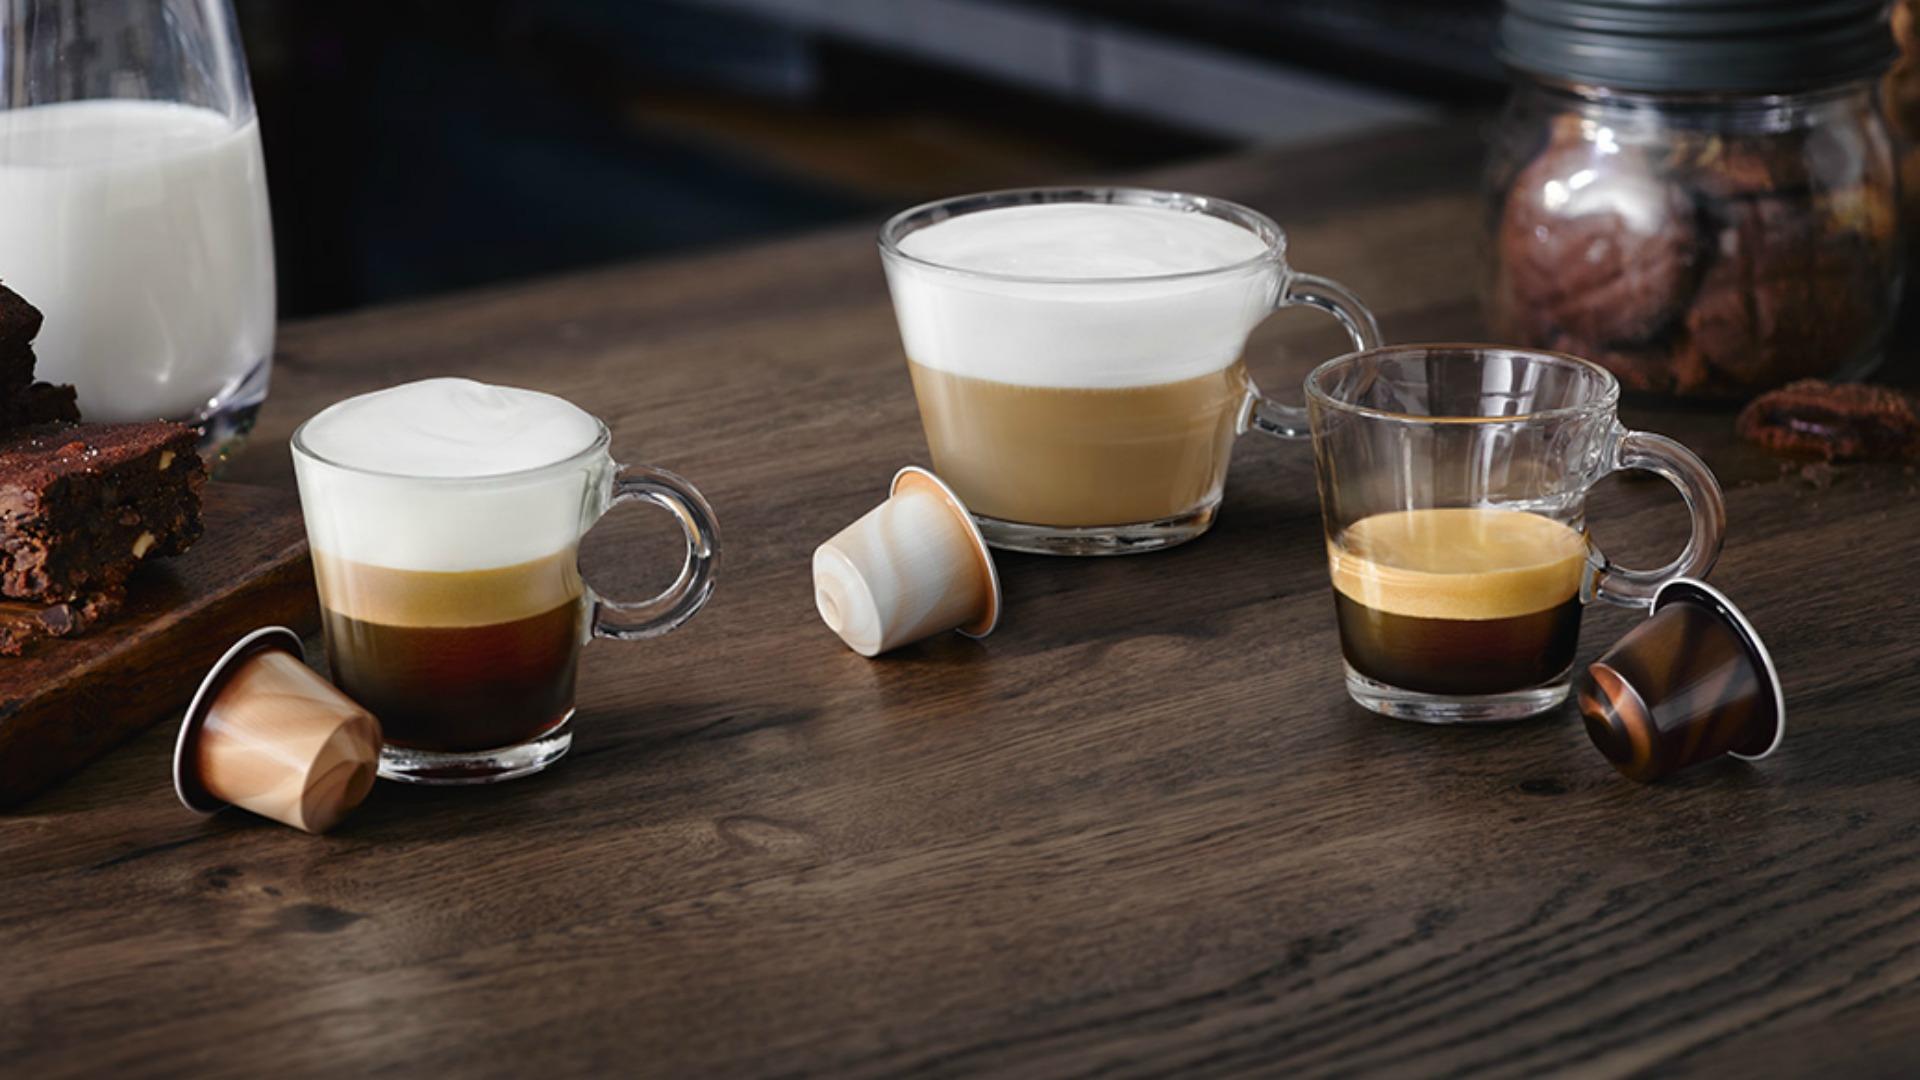 Barista Chiaro, Barista Scuro y Barista Corto. Las tres ediciones limitadas de Nespresso.